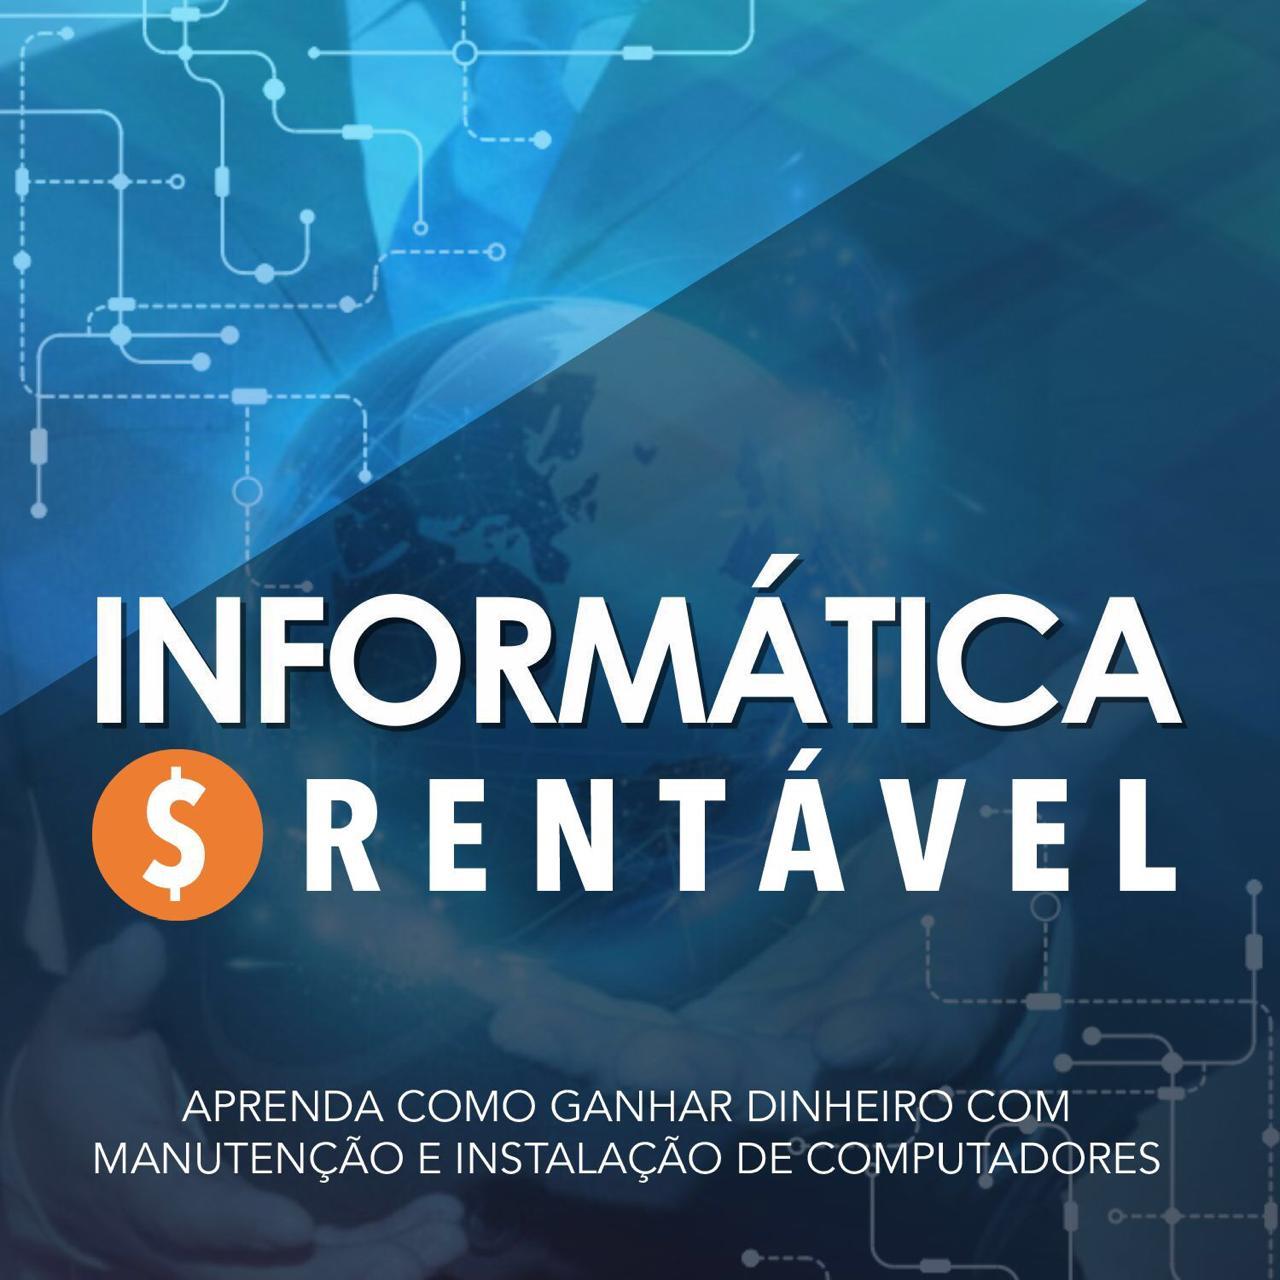 CURSO DE MANUTENÇÃO E INSTALAÇÃO DE COMPUTADORES – INFORMÁTICA RENTÁVEL